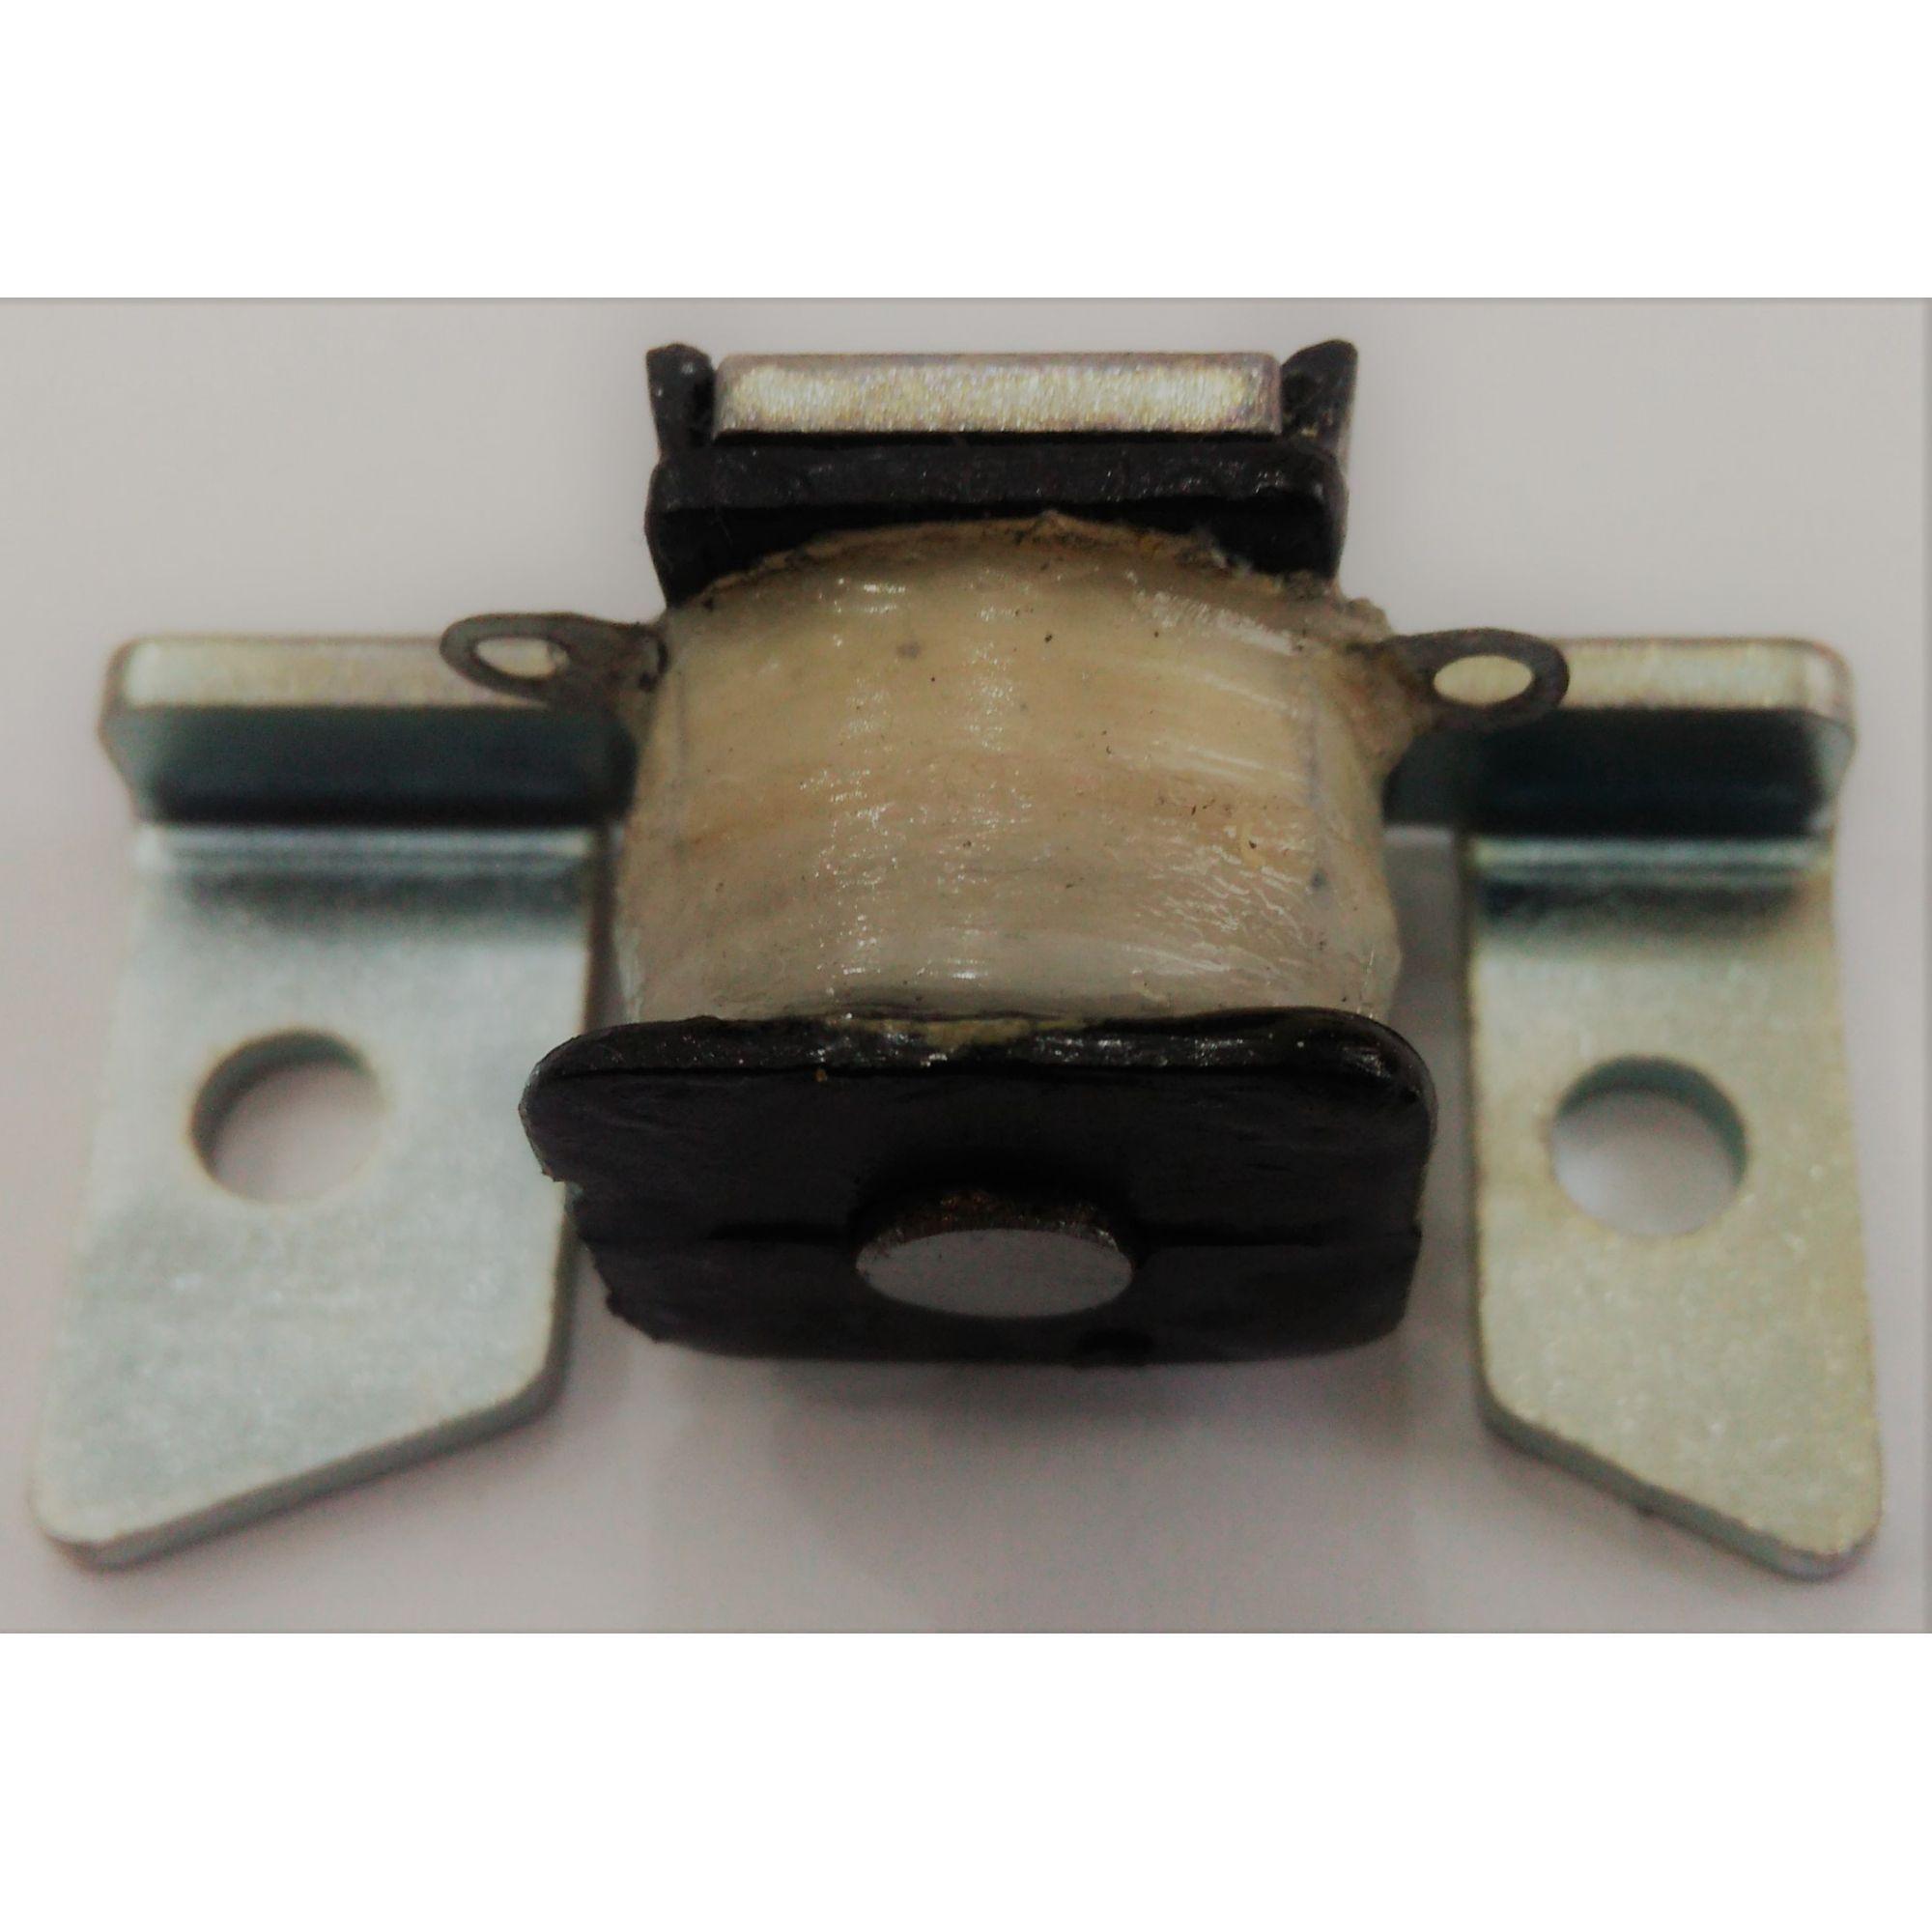 Bobina de pulso compatível com DT 200 c/ suporte e imã